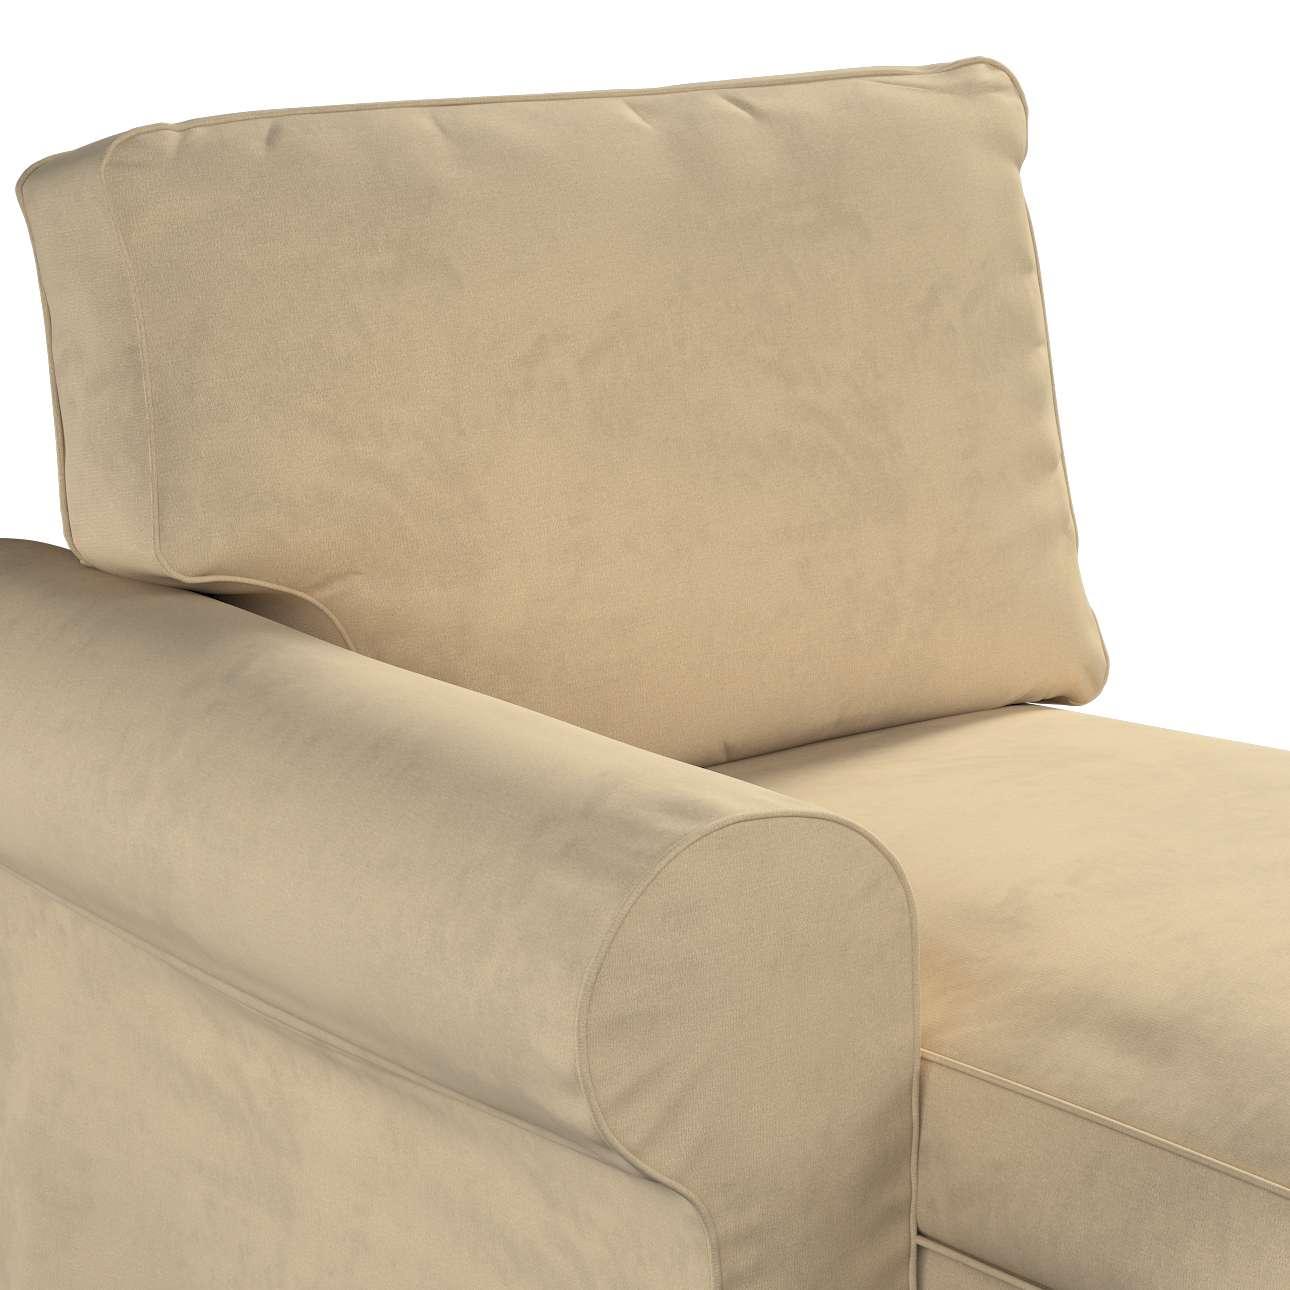 Pokrowiec na szezlong Ektorp lewy w kolekcji Living, tkanina: 160-82